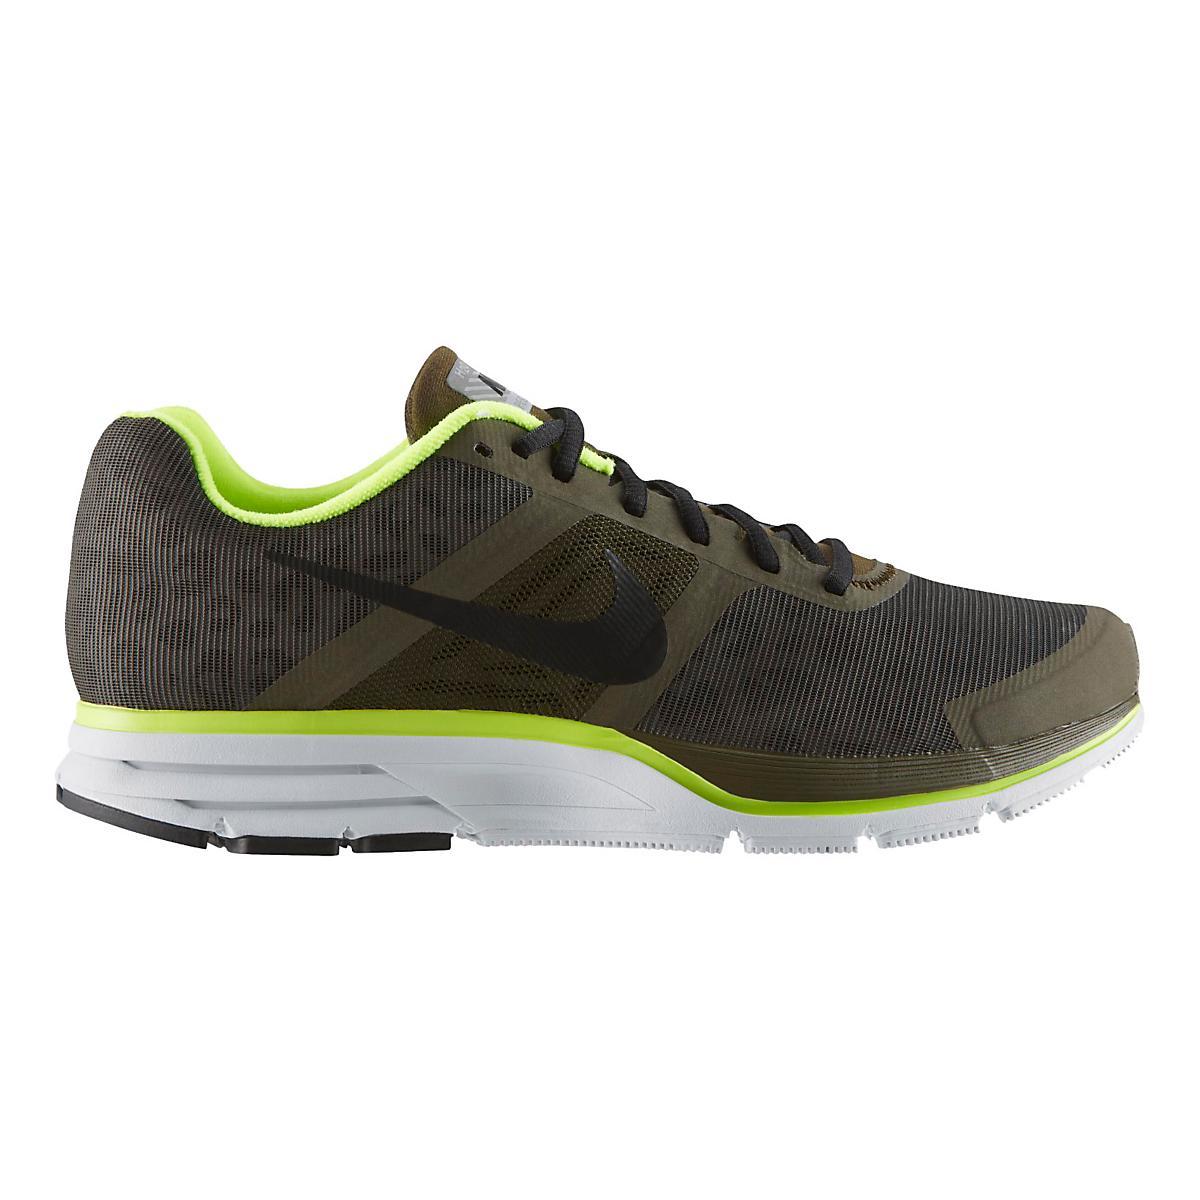 buy popular debdb 1a3ea Mens Nike Air Pegasus+ 30 Shield Running Shoe at Road Runner Sports